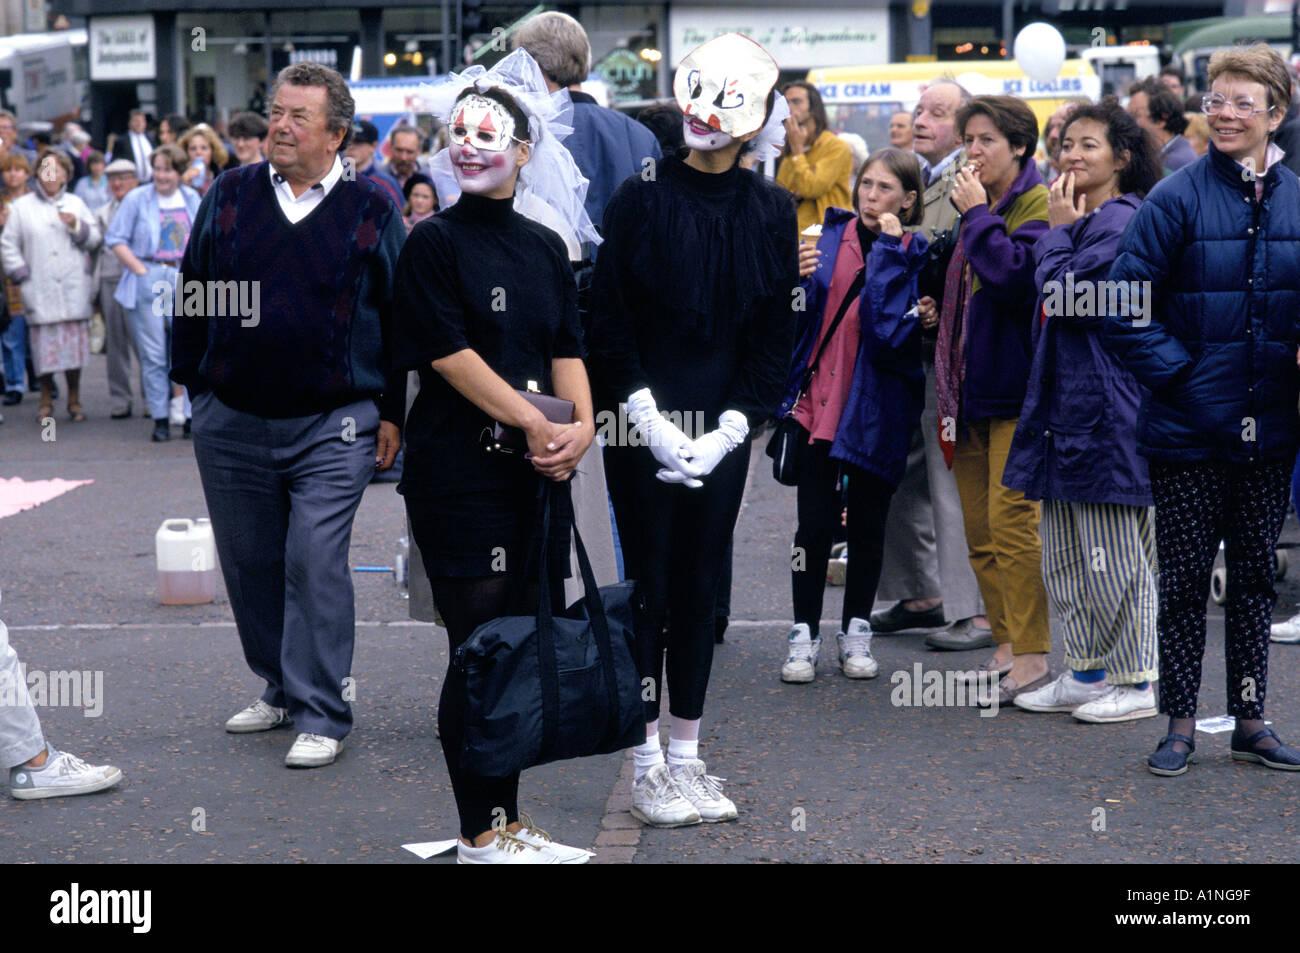 DARSTELLER IN B W KOSTÜME AUGE MASKEN GESICHT MALEN IN A STREET PERFORMANCE PASSANTEN SCHAUEN AUF EDINBURGH FRINGE Stockfoto